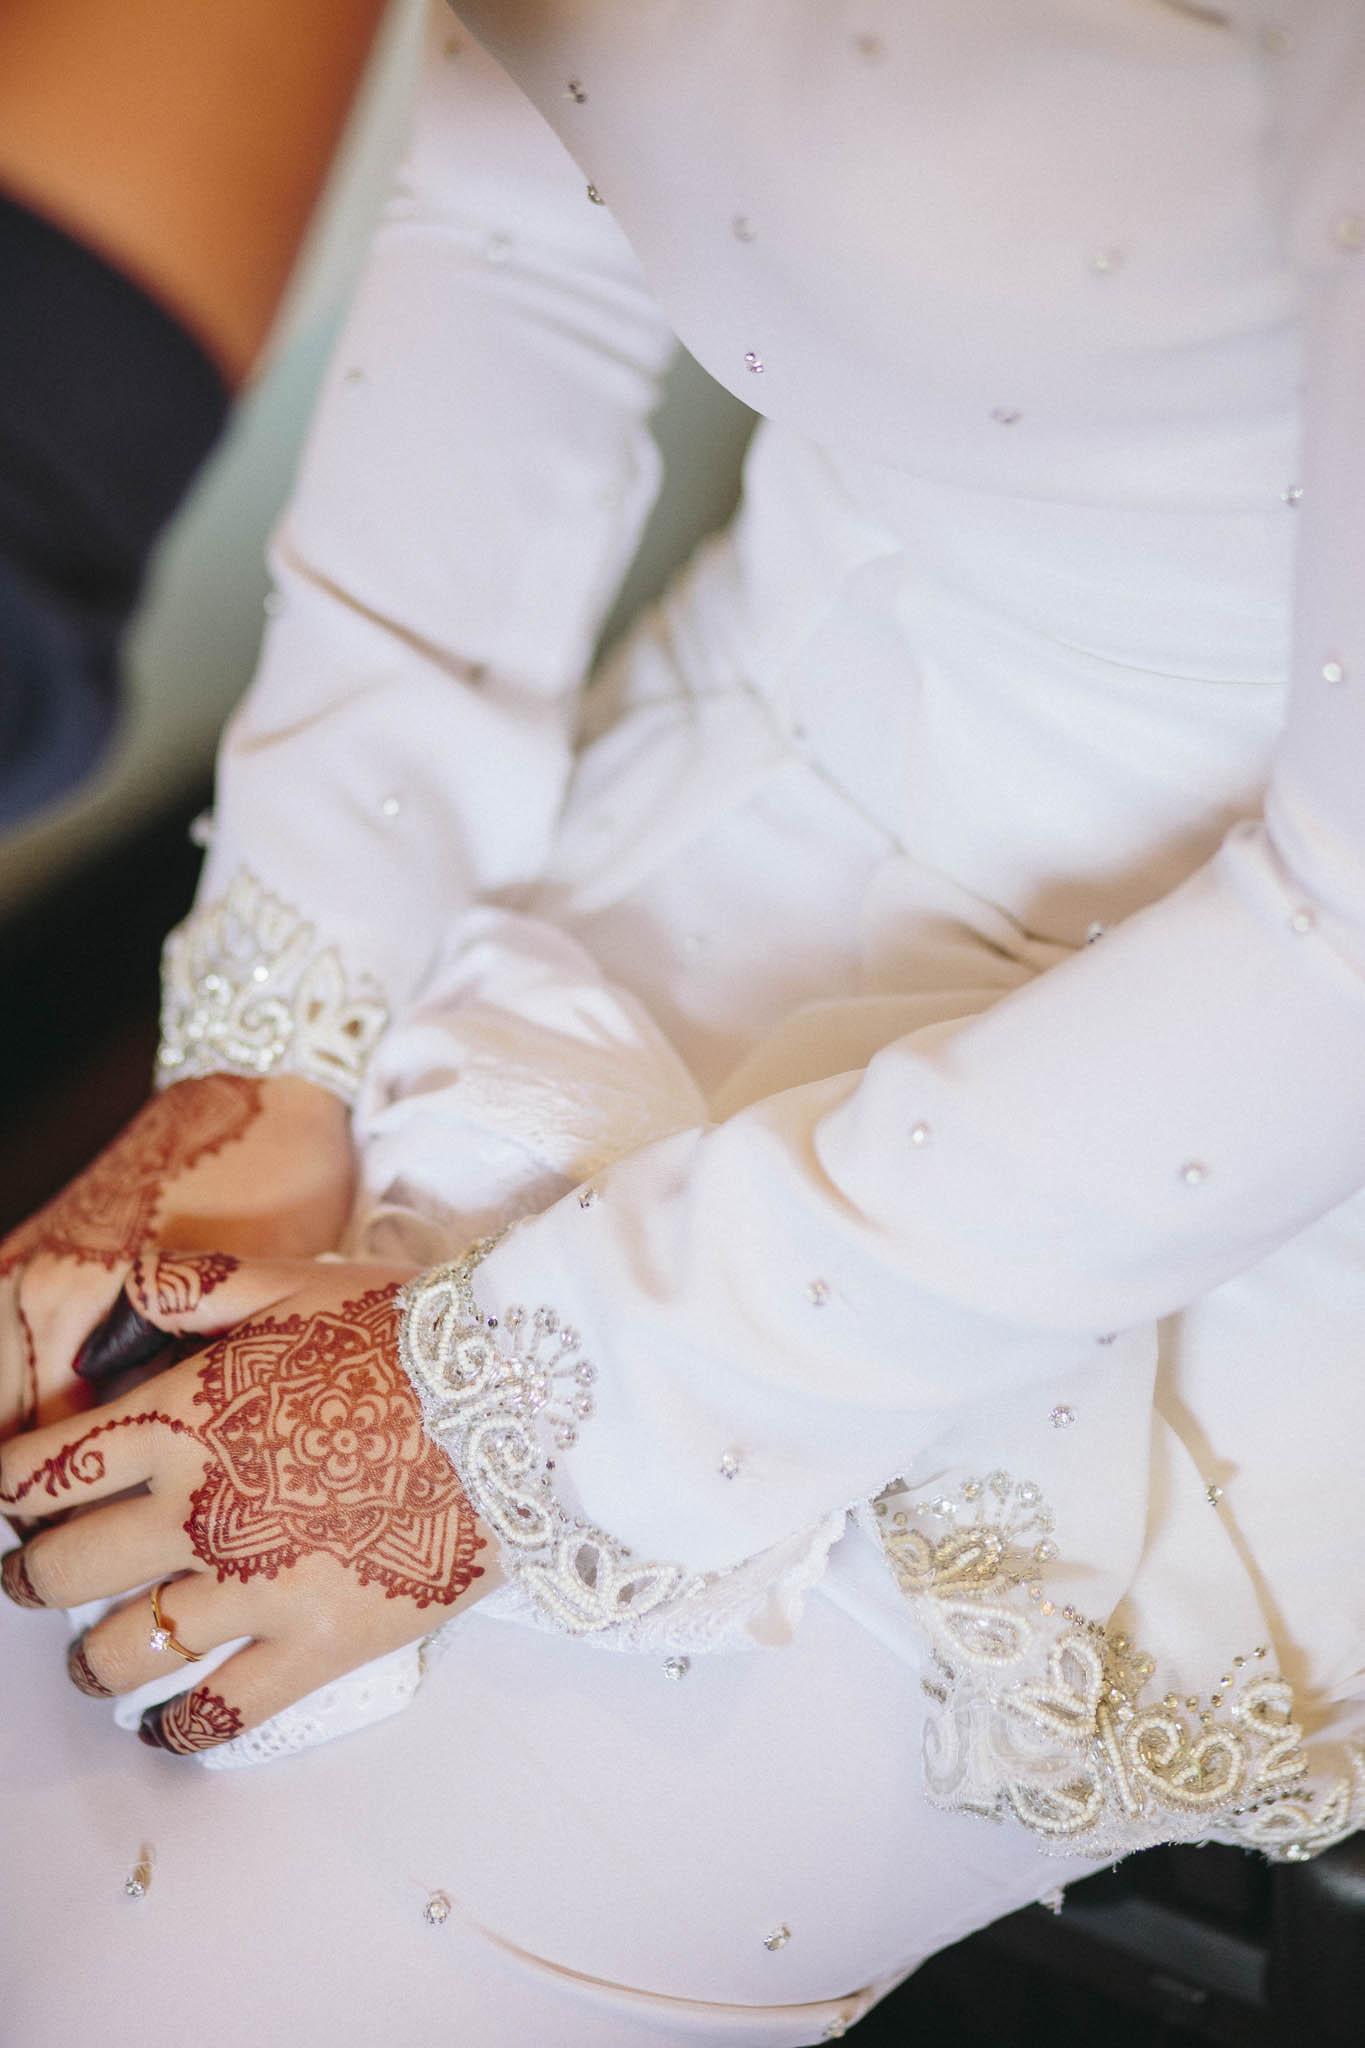 singapore-wedding-photographer-hafidz-hazlin-05.jpg